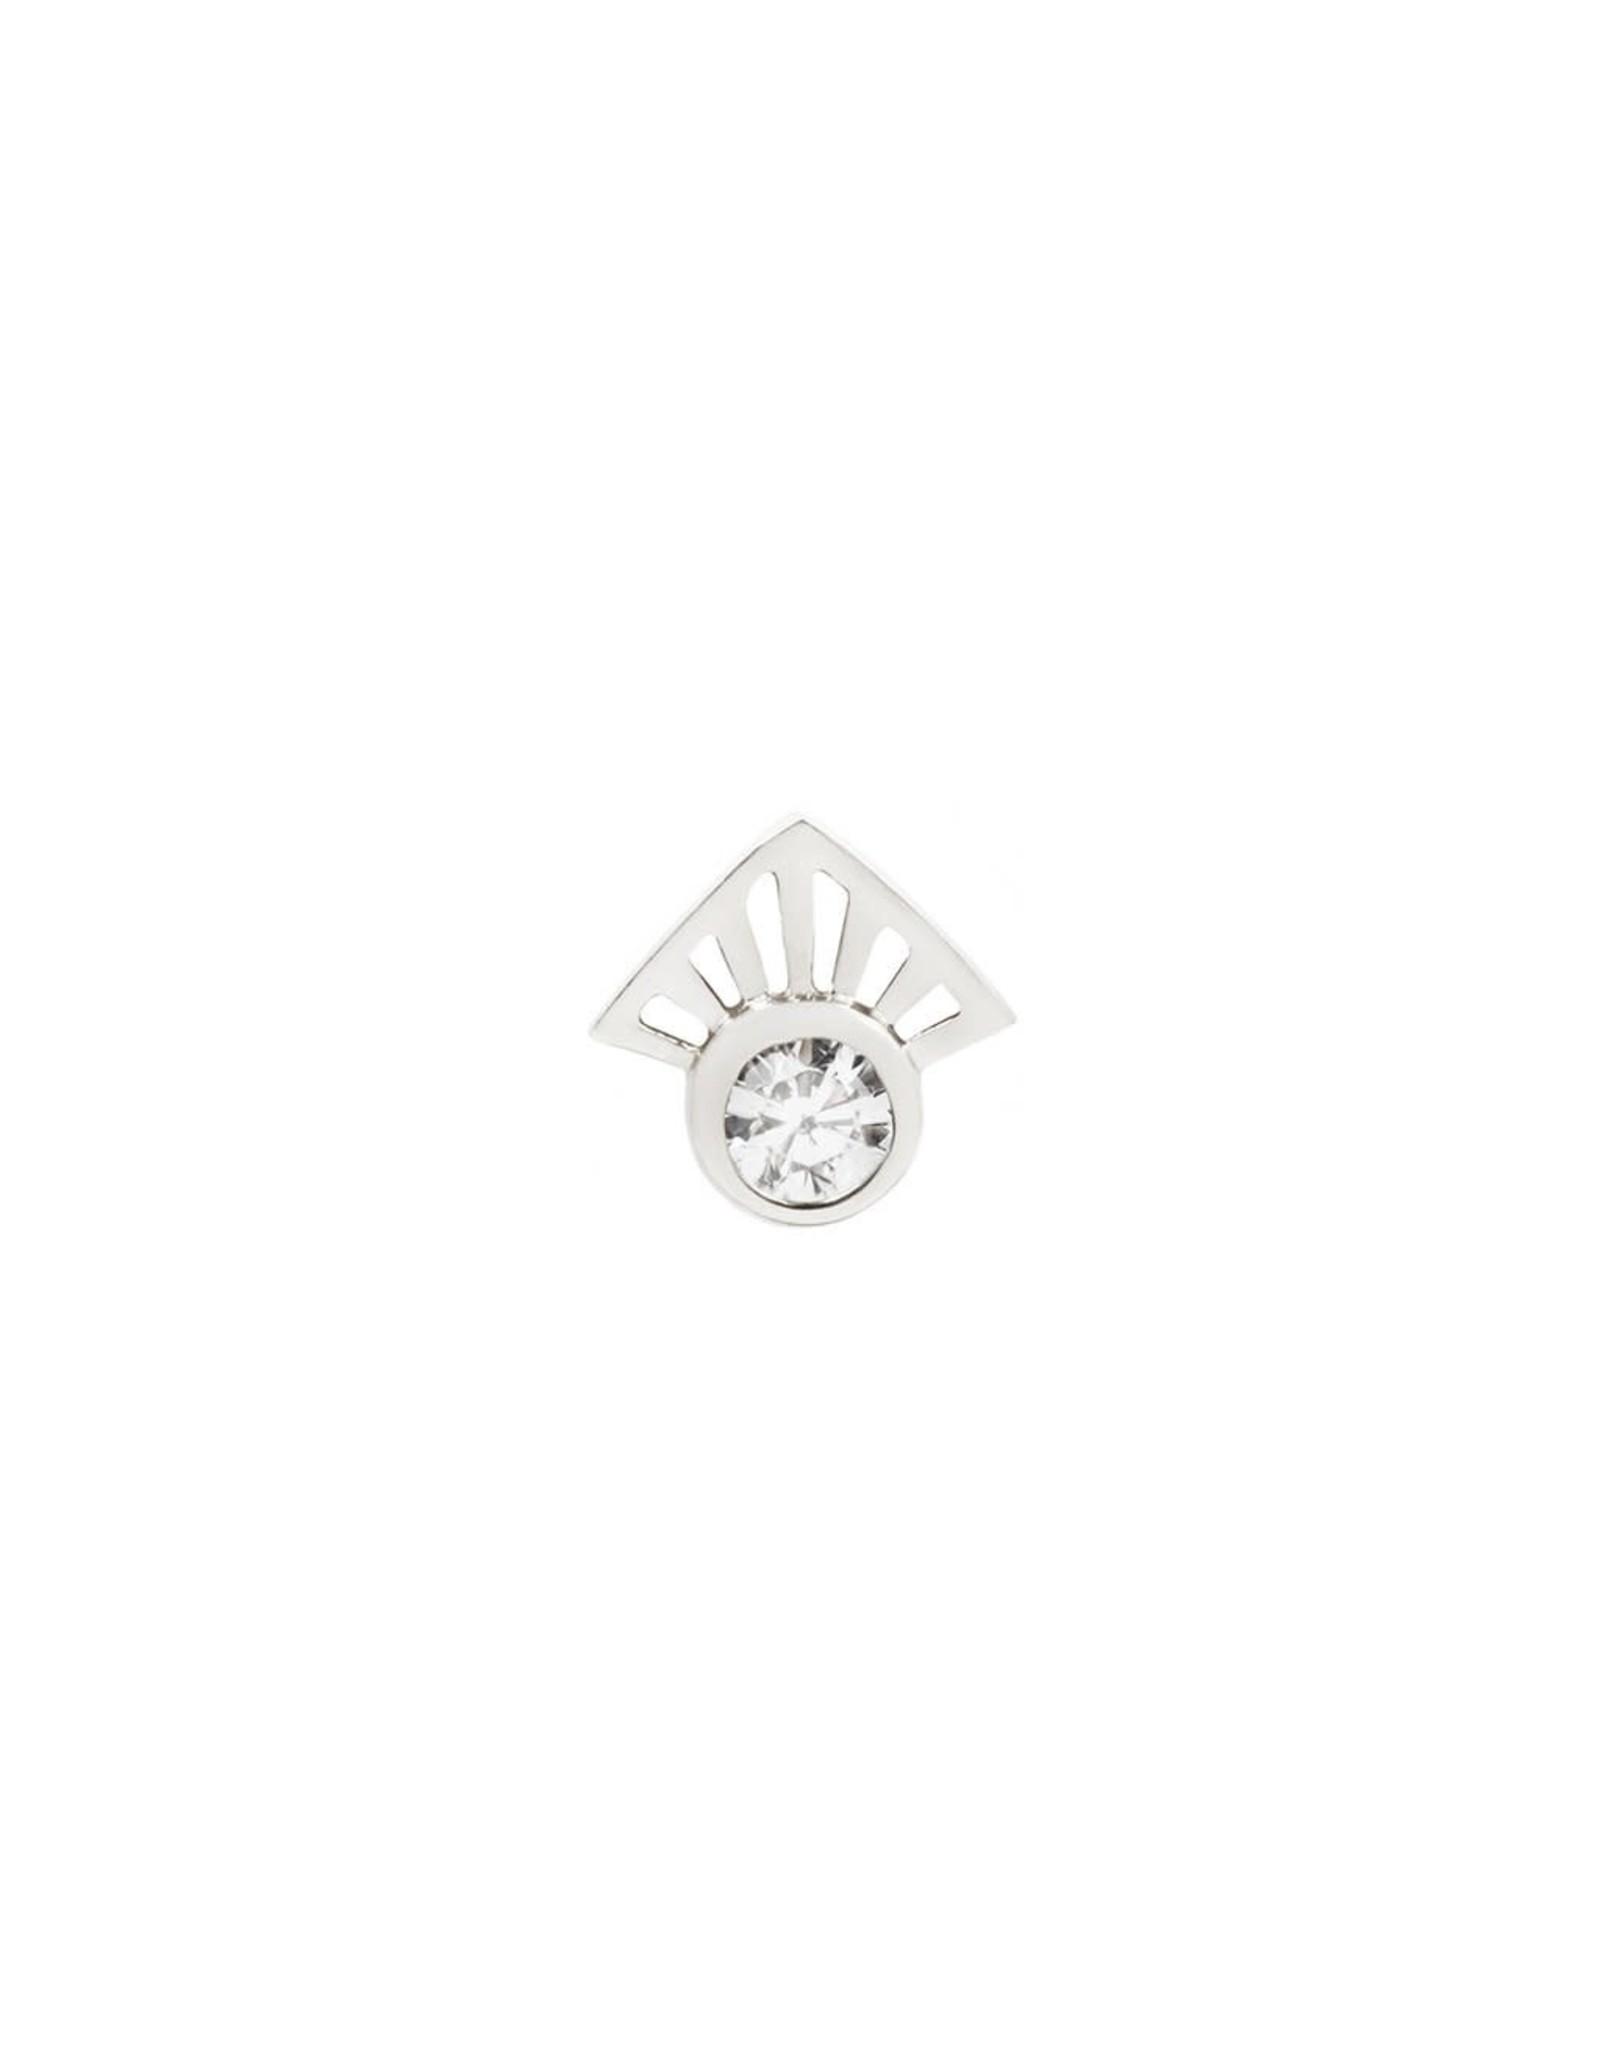 """Buddha Jewelry Organics Buddha Jewelry Organics """"Dali"""" press fit end with Swarovski CZ."""